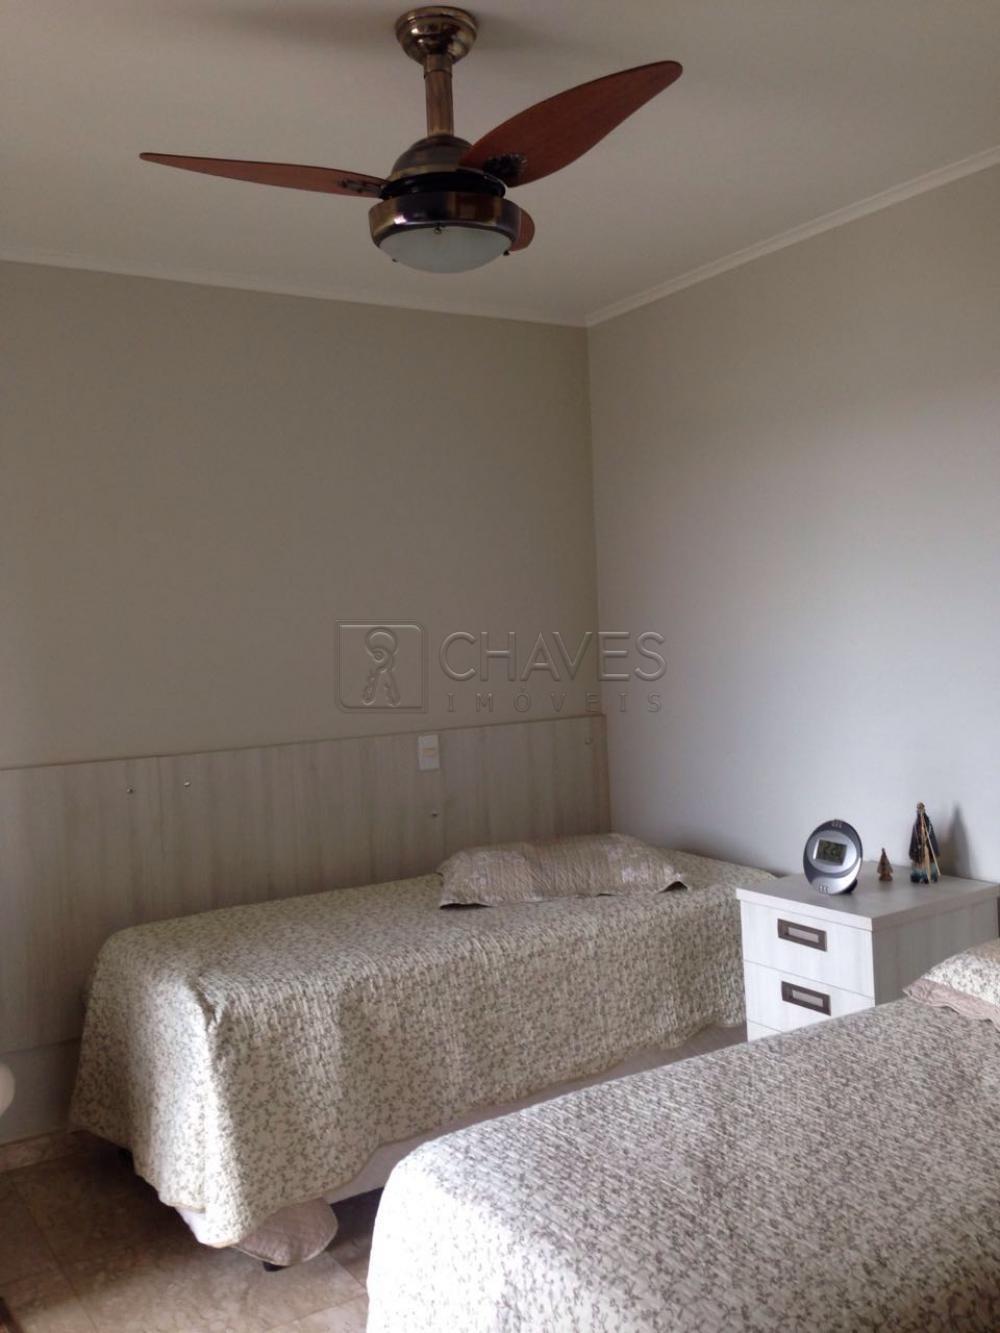 Comprar Apartamento / Padrão em Ribeirão Preto apenas R$ 415.000,00 - Foto 18